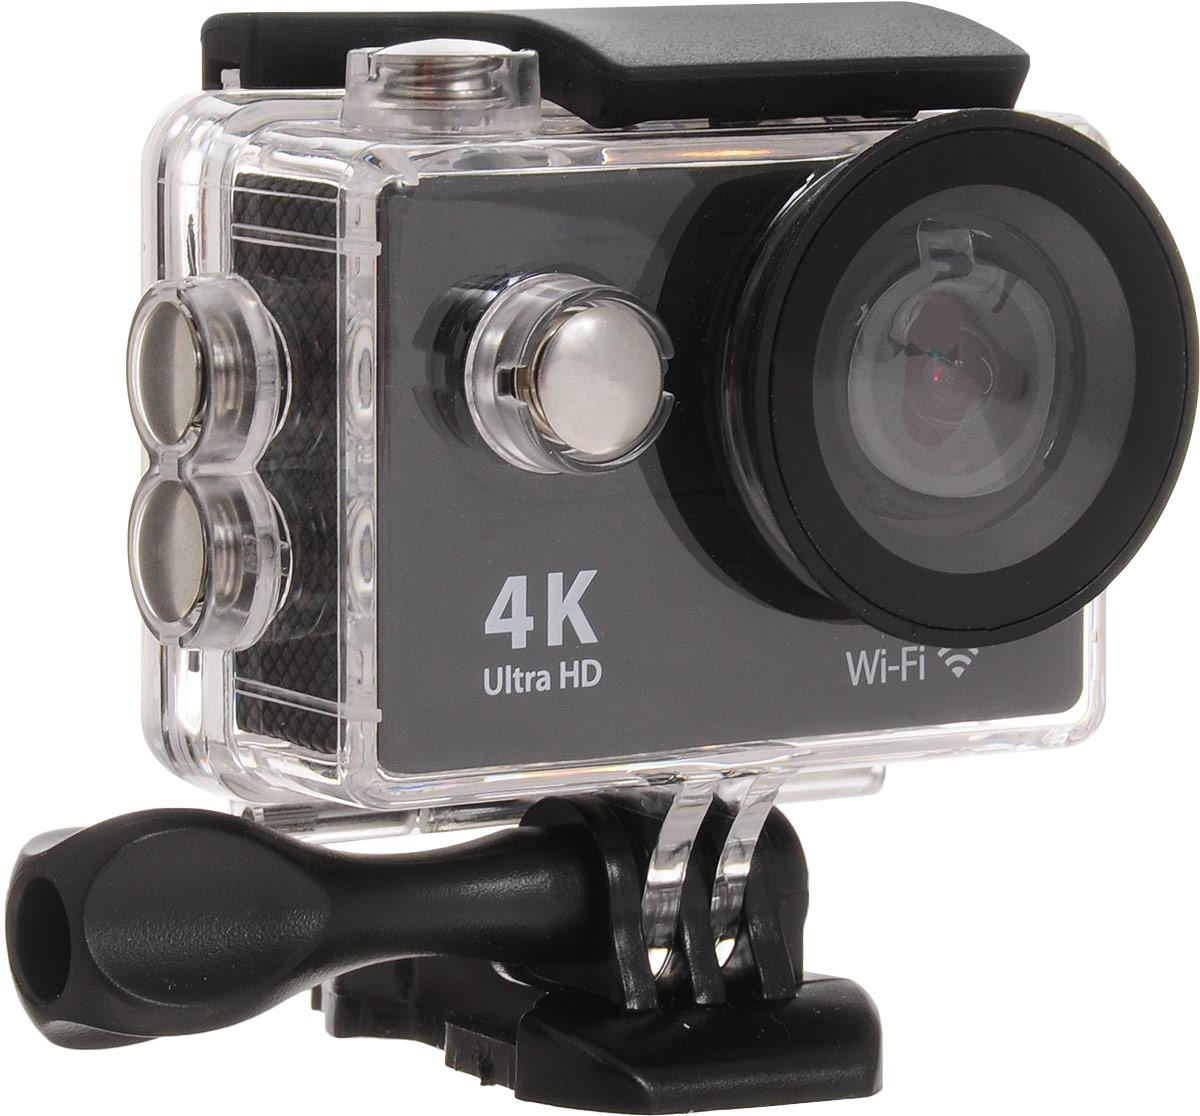 Eken H9R Ultra HD, Black экшн-камераH9RЭкшн-камера Eken H9R Ultra HD позволяет записывать видео с разрешением 4К и очень плавным изображением до 30 кадров в секунду. Камера оснащена 2 TFT LCD экраном. Эта модель сделана для любителей спорта на улице, подводного плавания, скейтбординга, скай-дайвинга, скалолазания, бега или охоты. Снимайте с руки, на велосипеде, в машине и где угодно. По сравнению с предыдущими версиями, в Eken H9R Ultra HD вы найдете уменьшенные размеры корпуса, увеличенный до 2-х дюймов экран, невероятную оптику и фантастическое разрешение изображения при съемке 30 кадров в секунду!Управляйте вашей H9R на своем смартфоне или планшете. Приложение Ez iCam App позволяет работать с браузером и наблюдать все то, что видит ваша камера. В комплекте с камерой идет пульт ДУ работающий на частоте 2,4 ГГц. Он позволяет начинать и заканчивать съемку удаленно.